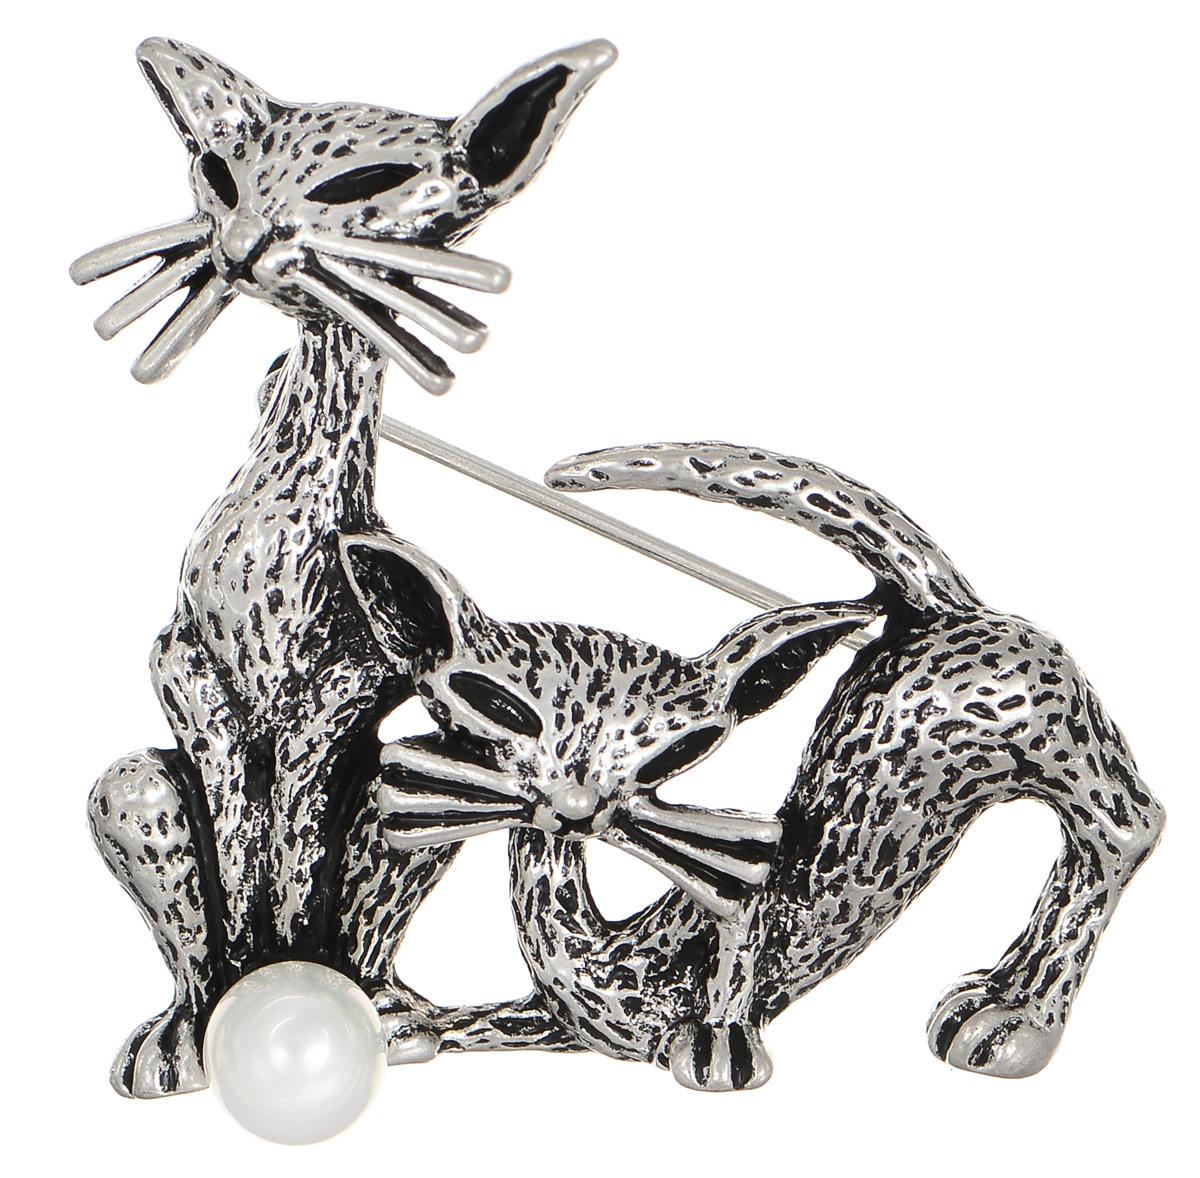 Брошь Selena Street Fashion, цвет: белый, серебристый. 3002650030026500Оригинальная брошь Selena Street Fashion изготовлена из металла с родиевым покрытием. Брошь выполнена в виде двух кошек и дополнена искусственным жемчугом. Изделие крепится с помощью замка-булавки. Такая брошь позволит вам с легкостью воплотить самую смелую фантазию и создать собственный неповторимый образ.